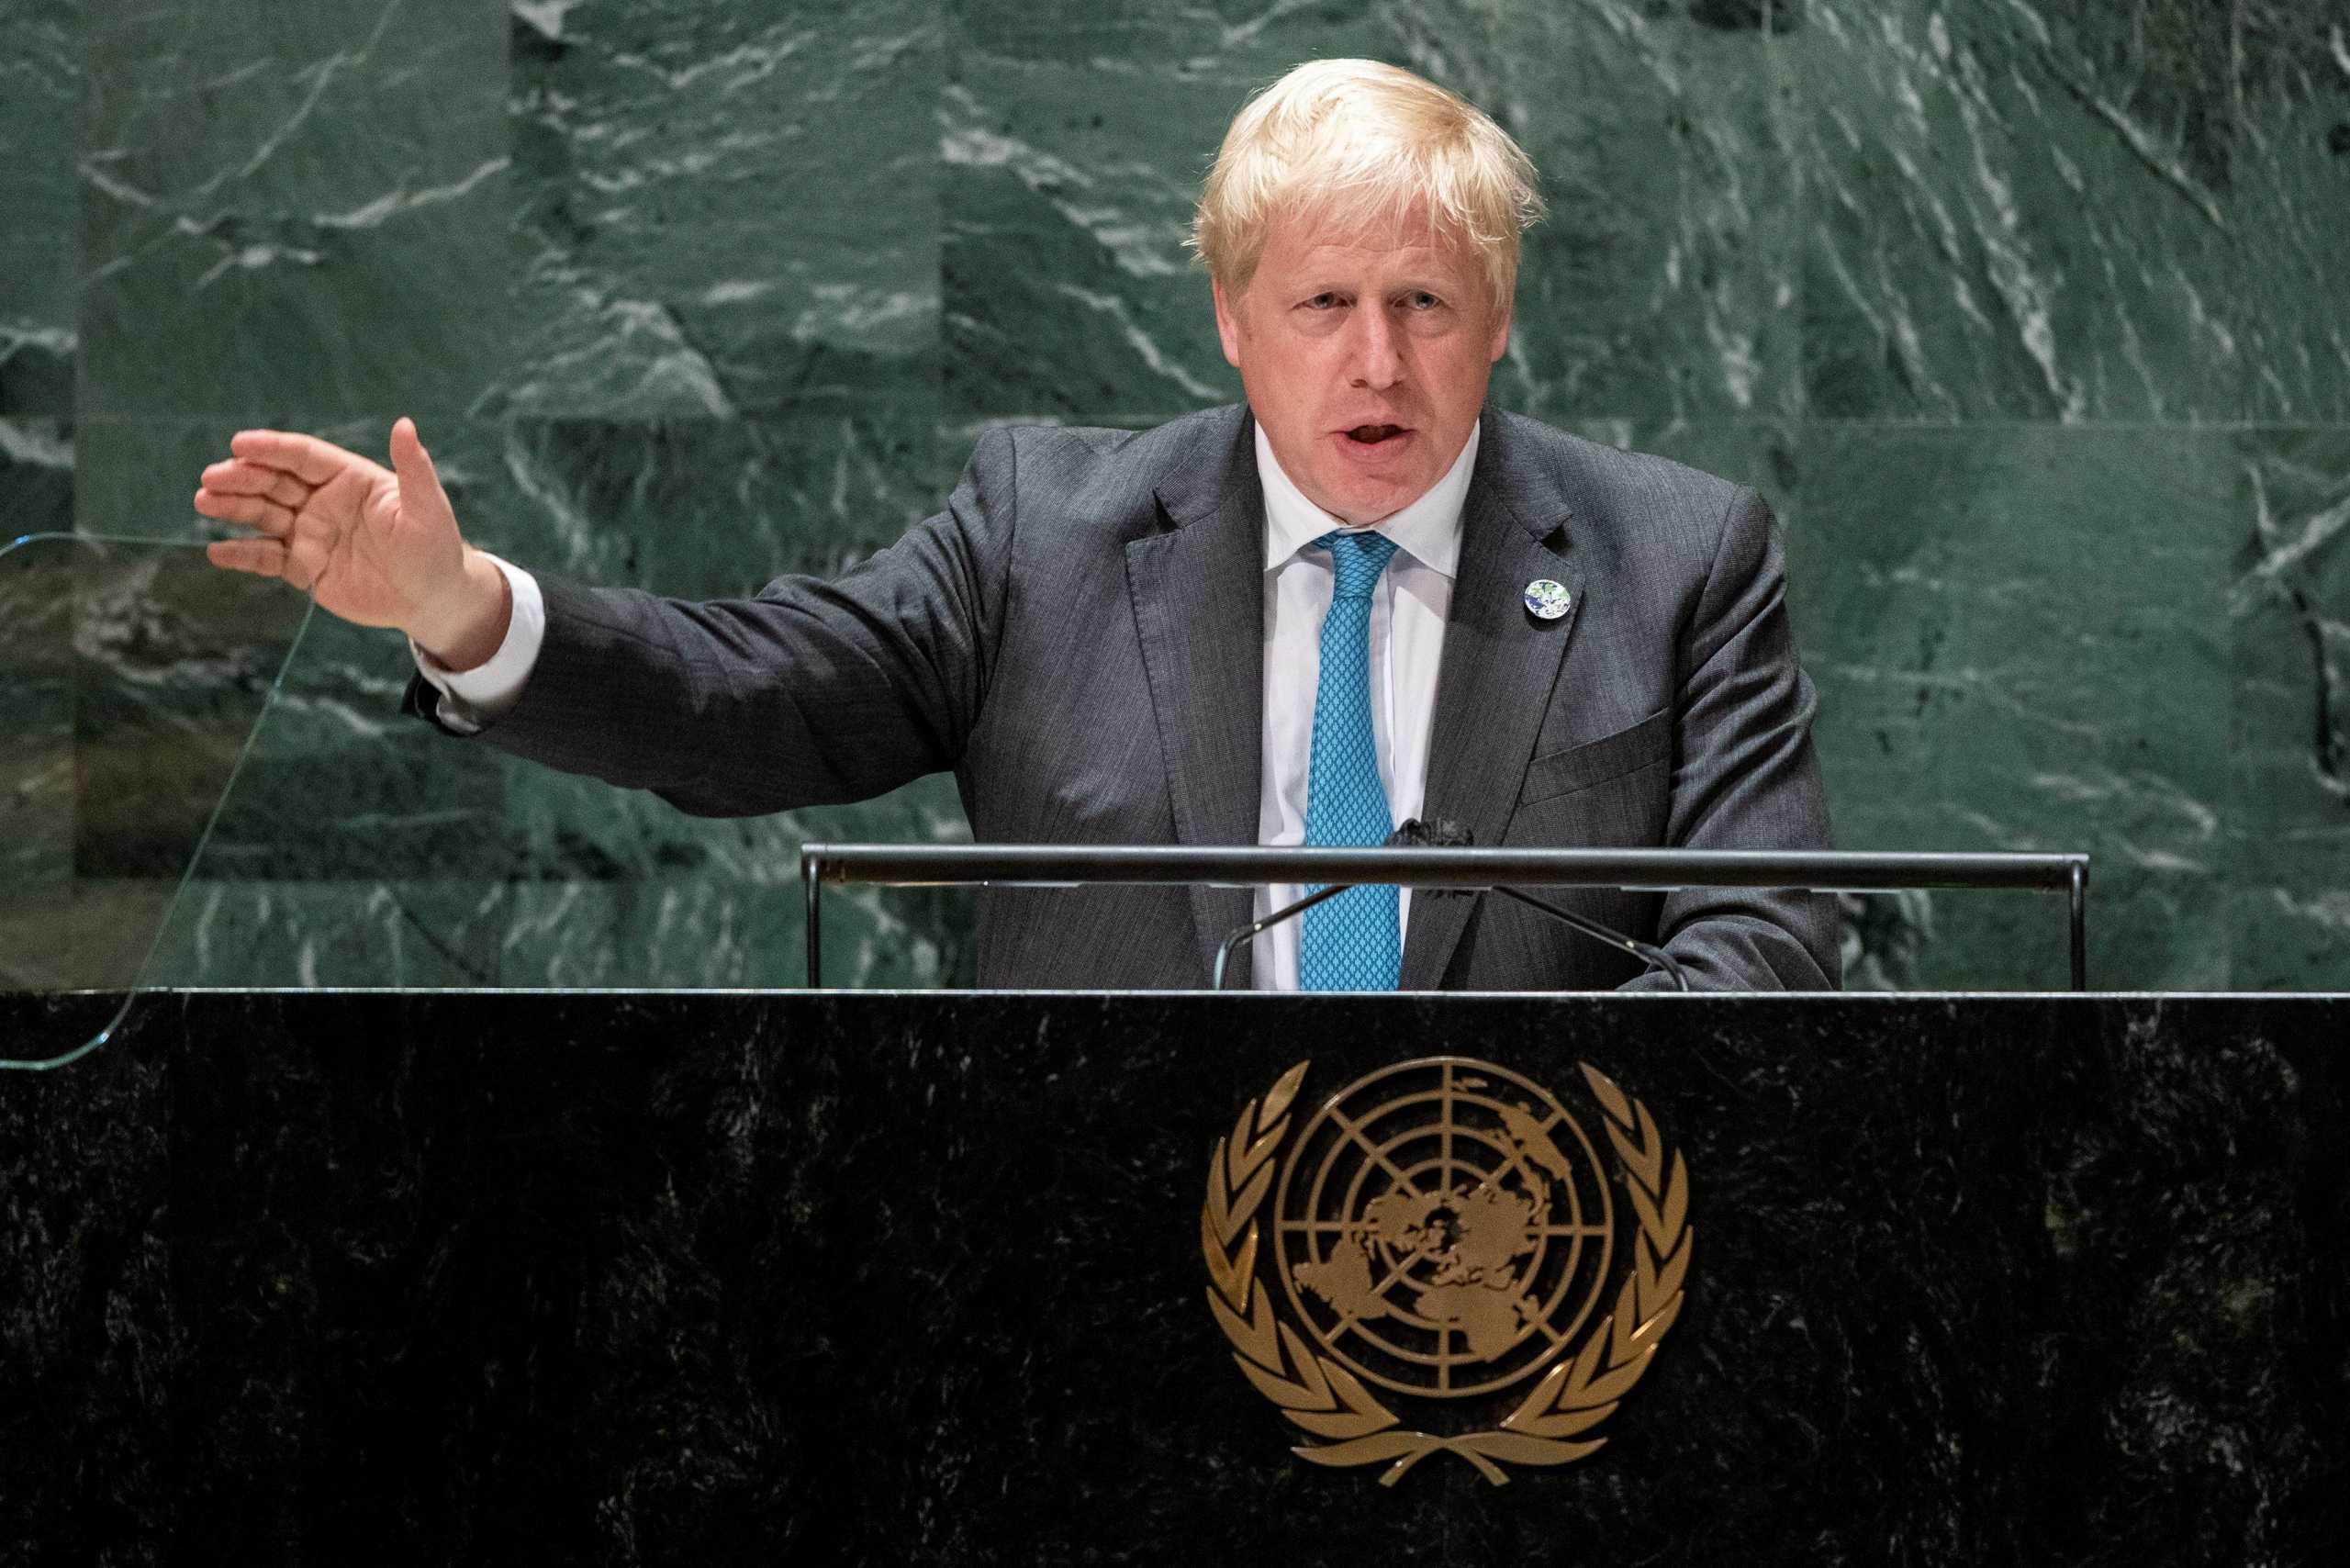 Ο Μπόρις Τζόνσον προσπάθησε να μιλήσει σε αρχαία Ελληνικά στη Γενική Συνέλευση του ΟΗΕ